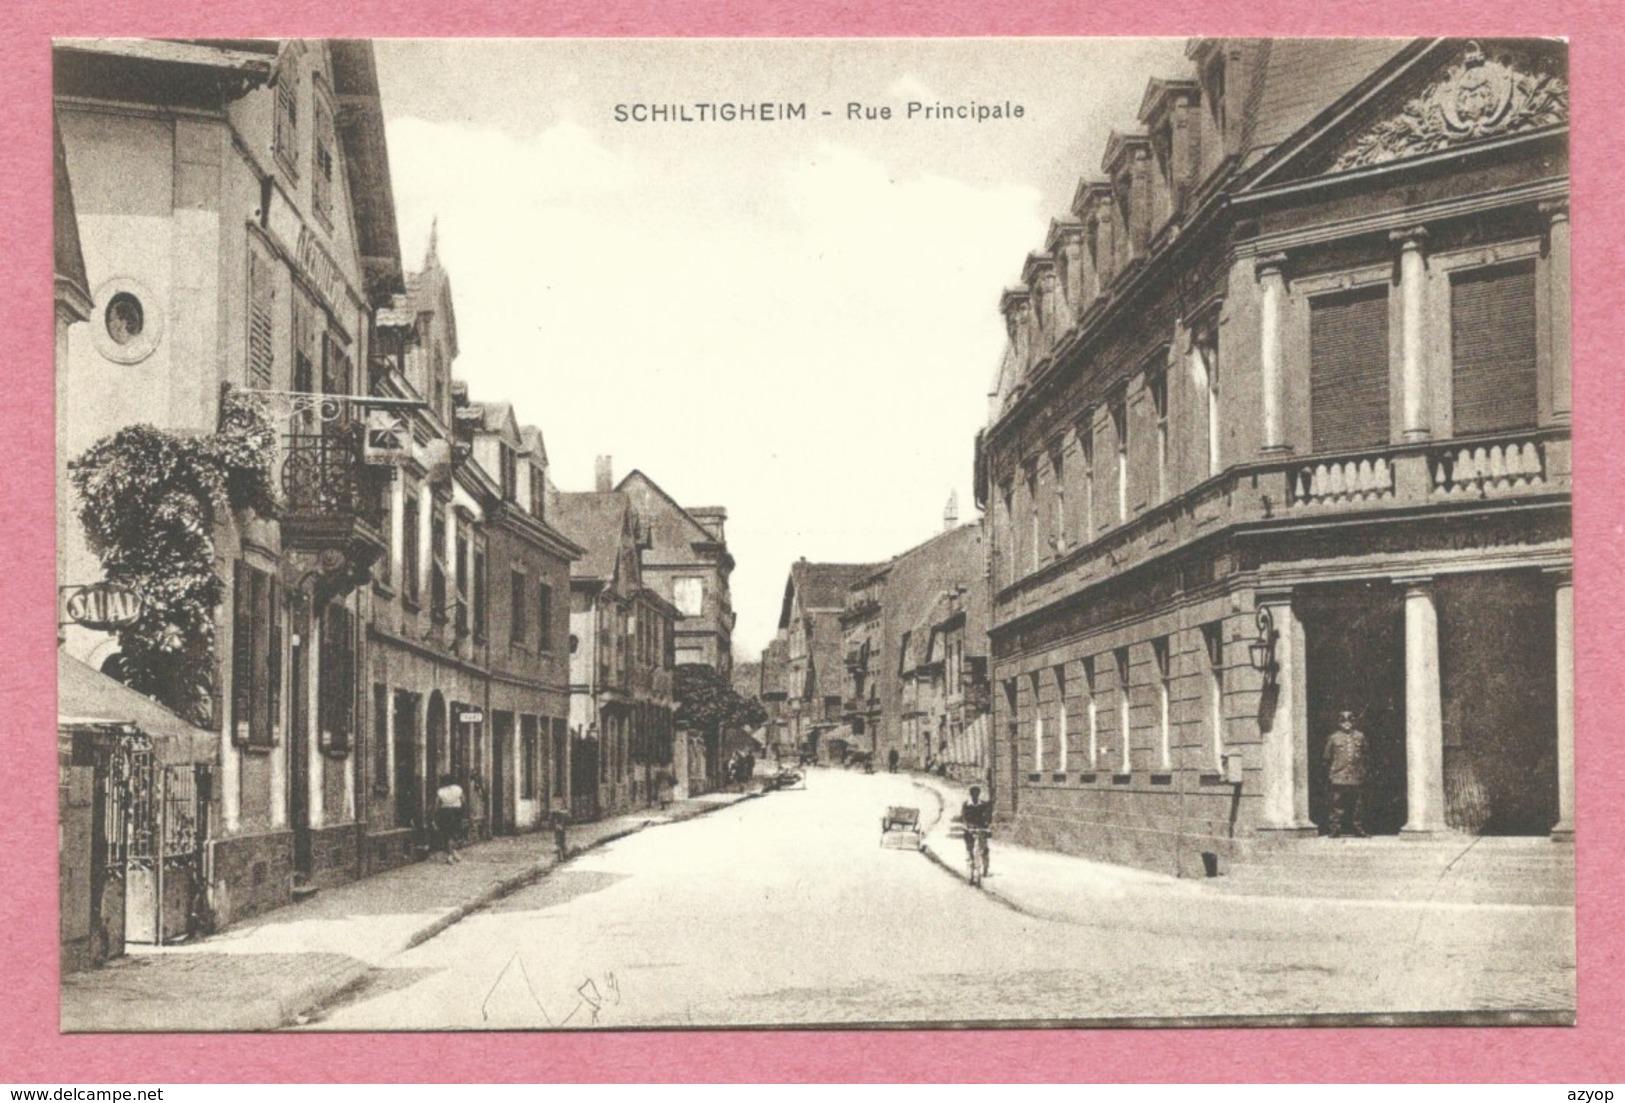 67 - SCHILTIGHEIM - Rue Principale - Mairie - Schiltigheim